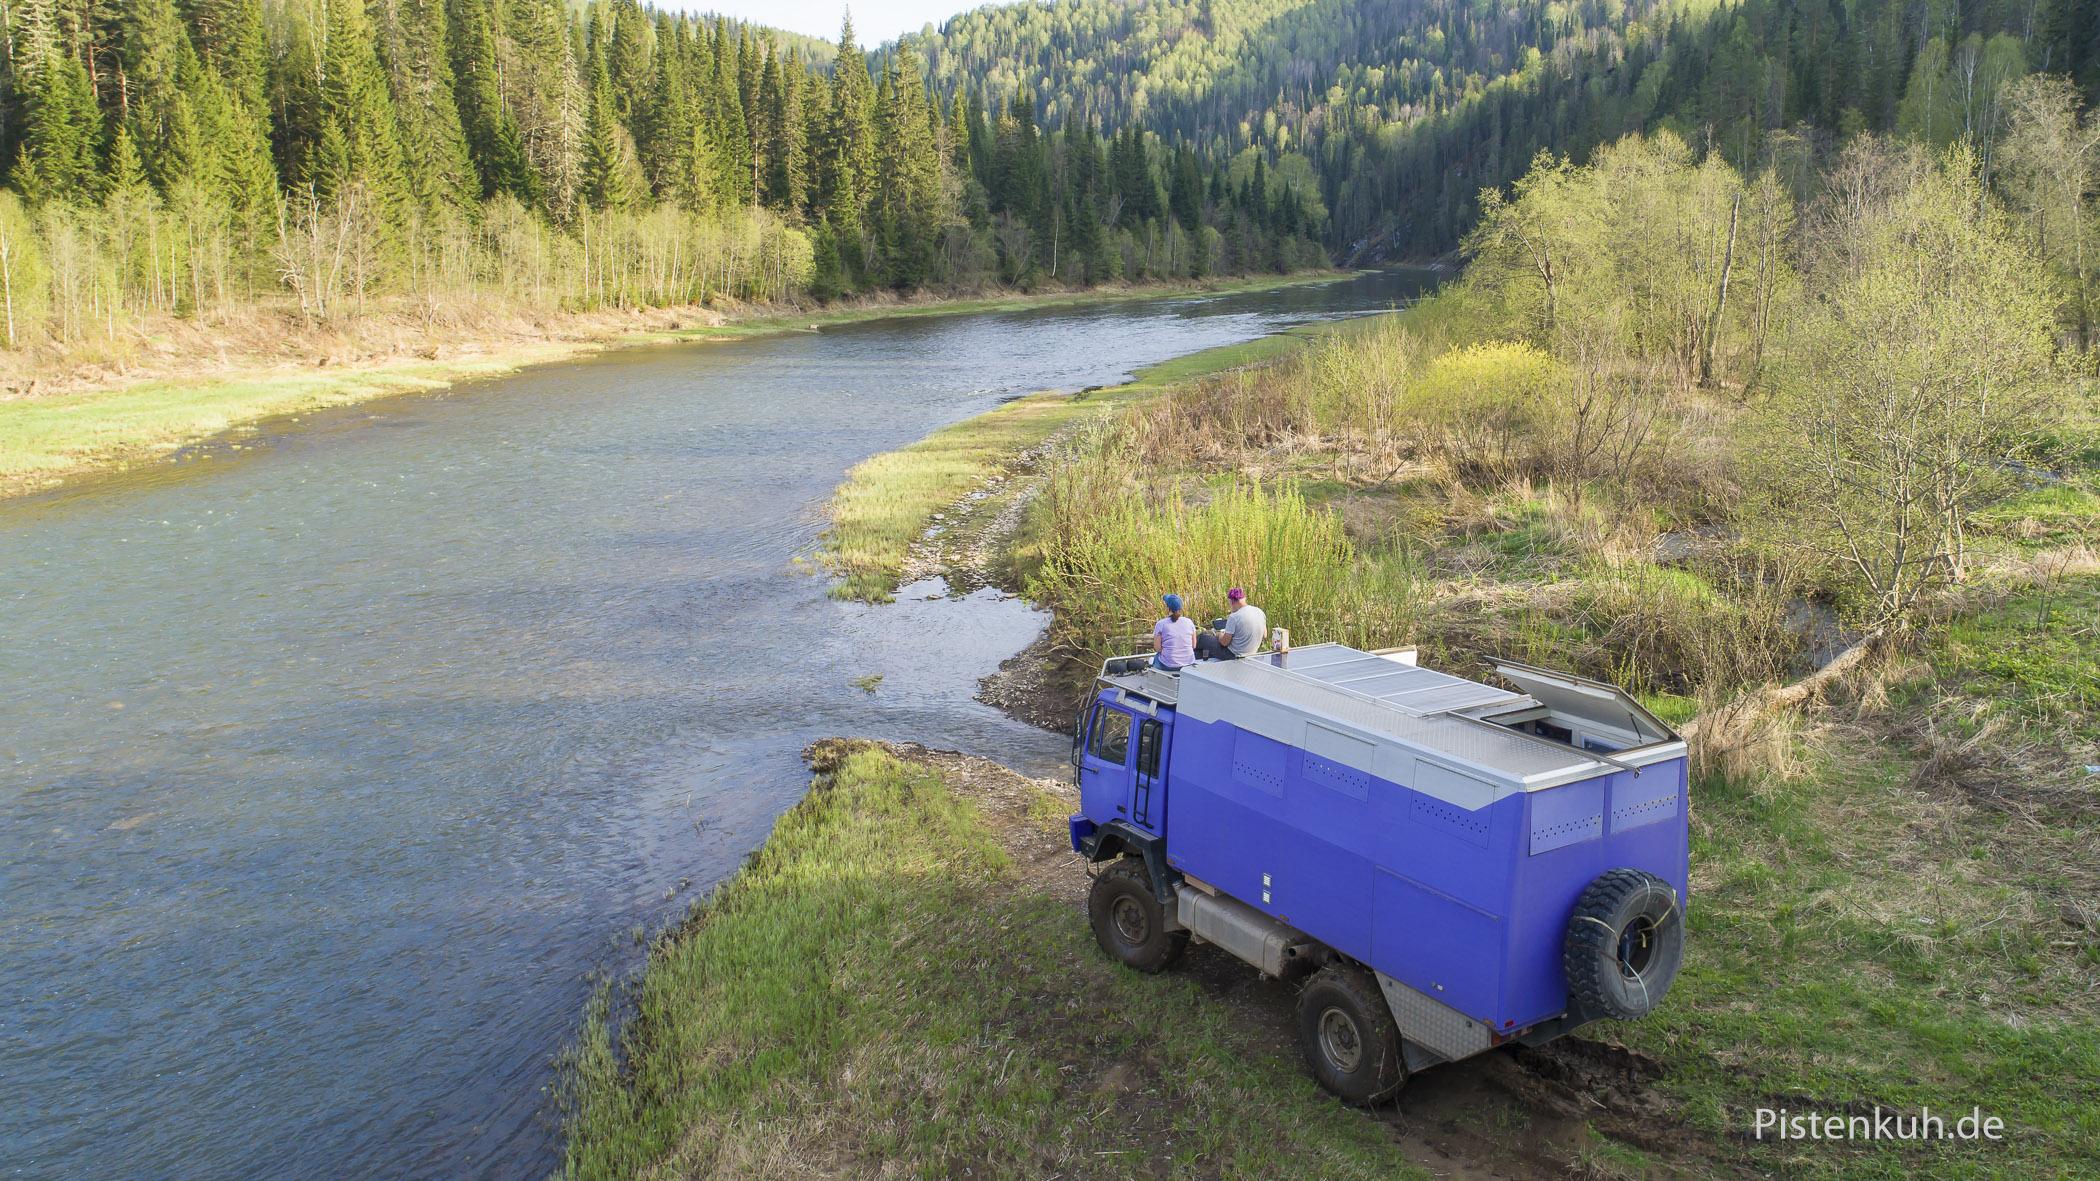 Camp am Fluss nach hartem Tag im sibirischen Morast.